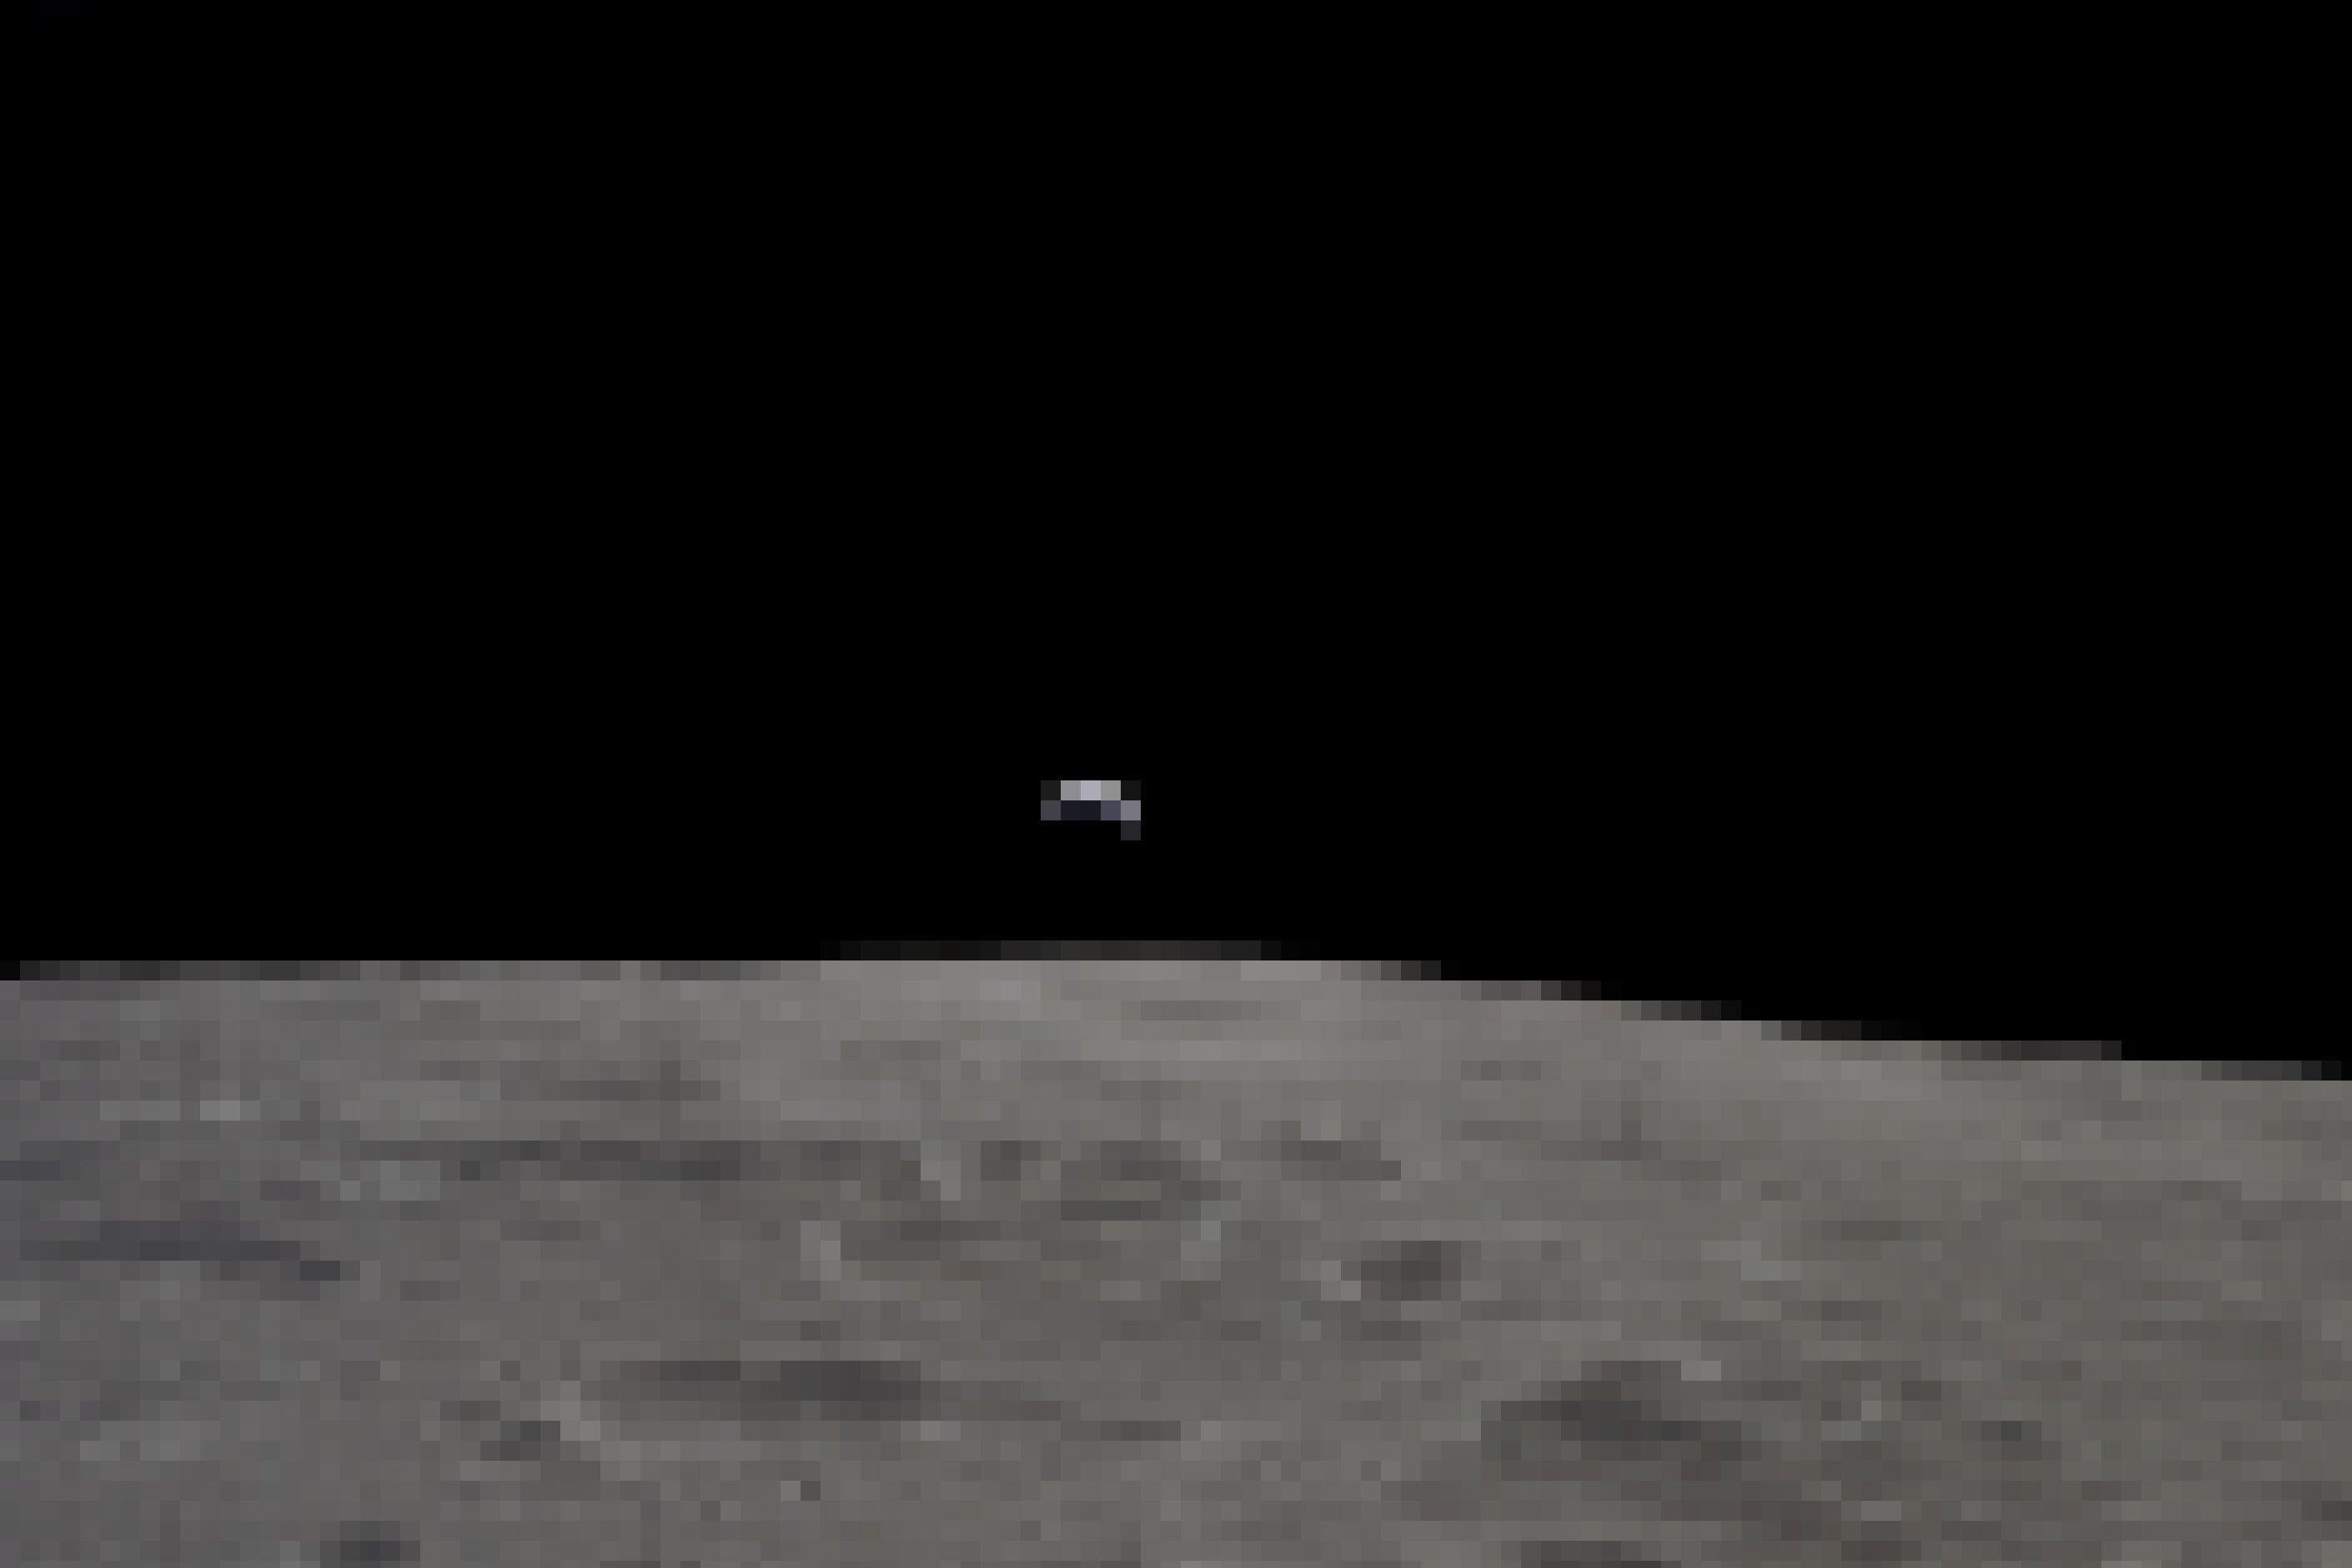 Die graue Oberfläche des Mondes und darüber eine sehr sehr feine Erdsichel, mit dem überwältigendem Schwarz des Weltalls darüber. Das Bild am 19. November 1969von der Crew von Apollo 12aus dem Mondorbit aufgenommen.